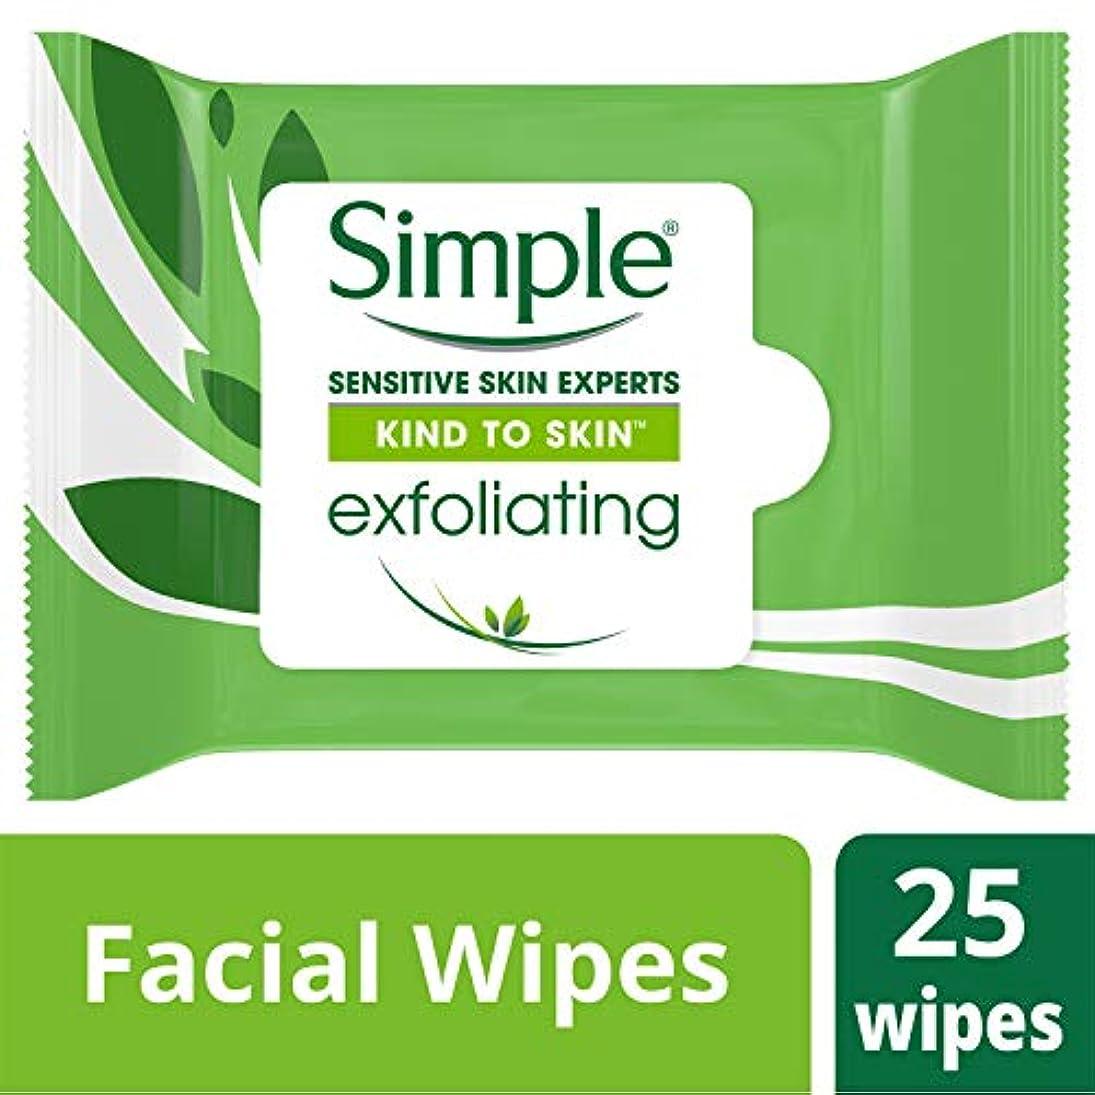 Simple 25のCtを剥離皮膚に顔のワイプ、カインド 25カウント ワイプ、エクスフォリエイティング